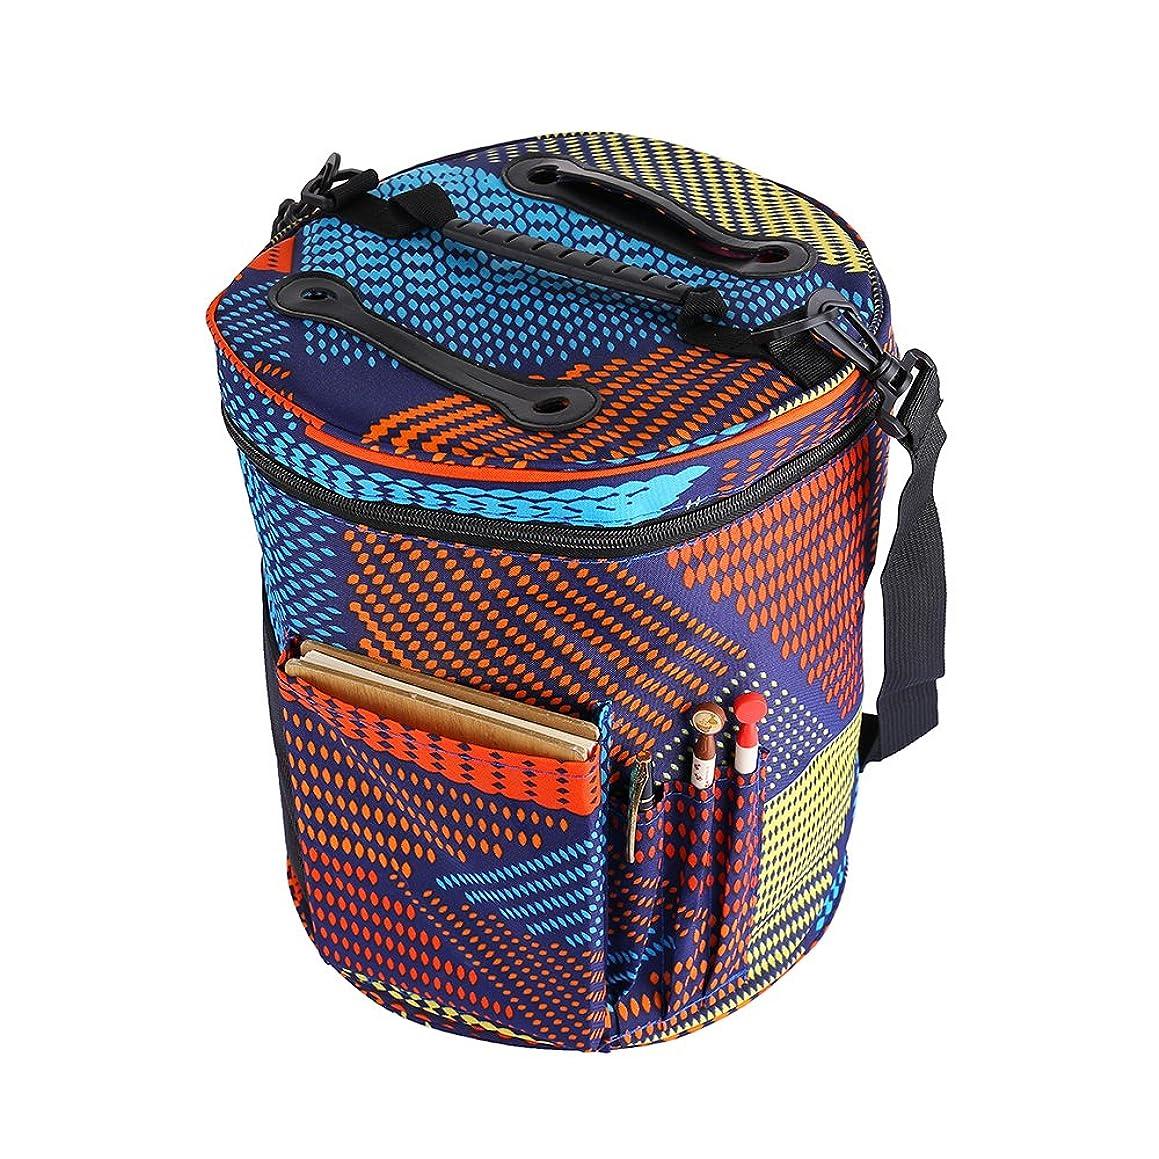 Yarn Bag Knitting Bag Crochet Bag Yarn Storage Organizer Large Yarn Knitting Tote Bag Knitting Storage Bag Large Tote Bag for Storage Yarn Knitting & Crochet Accessories Bag 【Oxford Cloth】